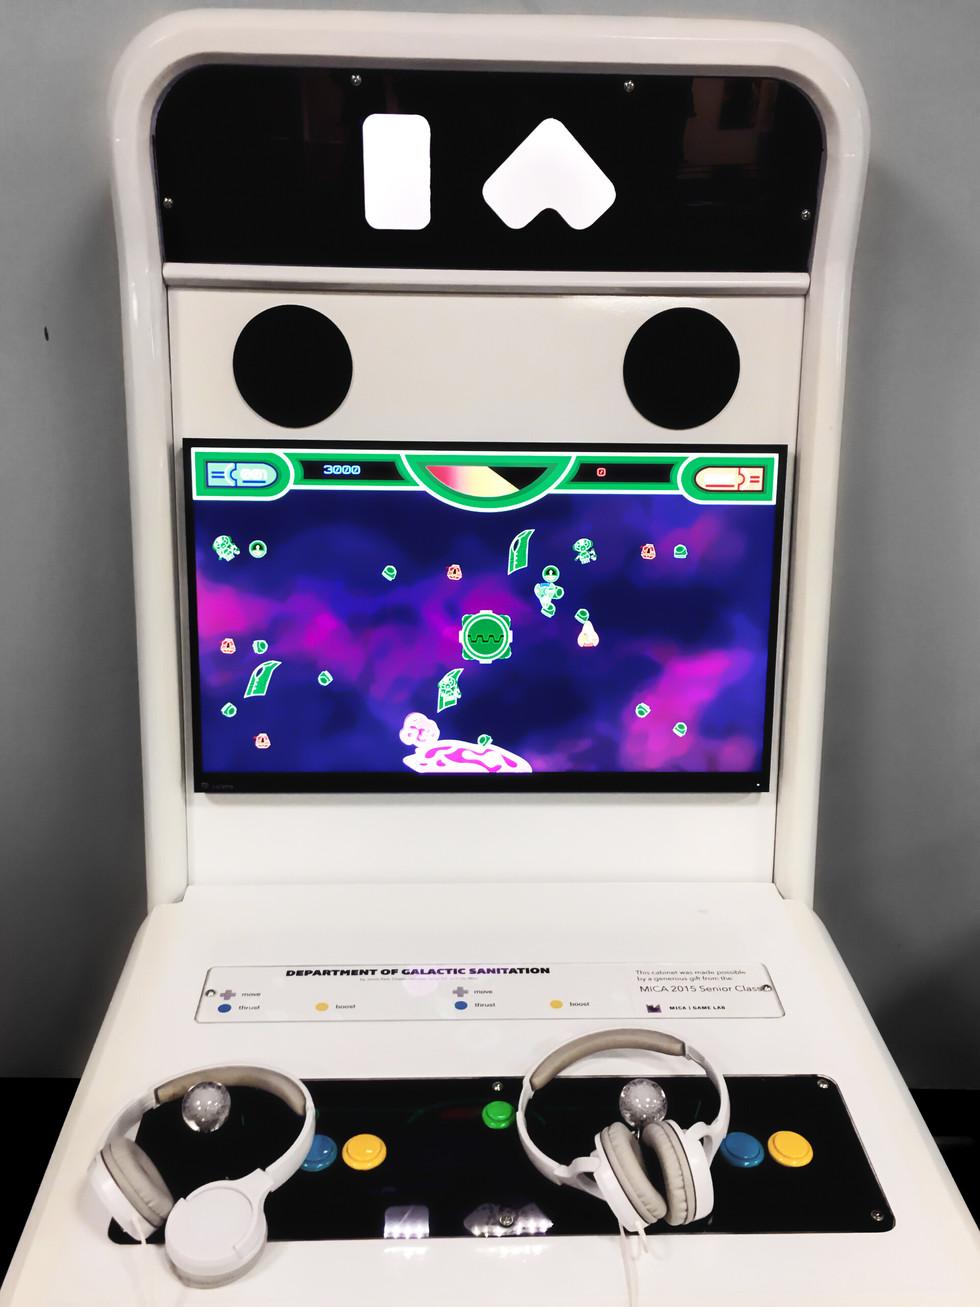 Game on display